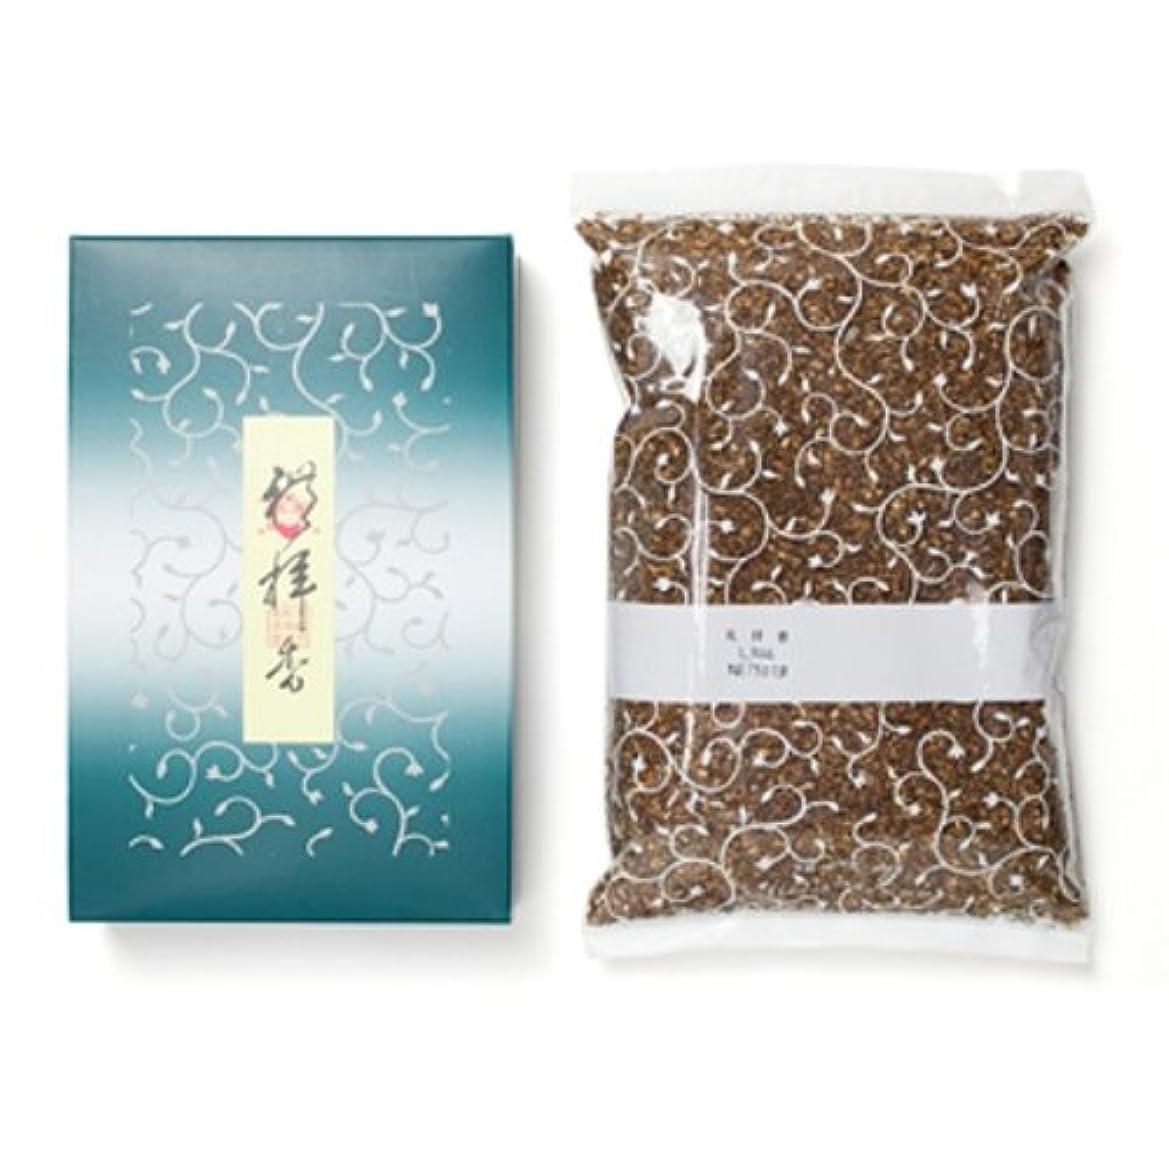 狐解釈するドラッグ松栄堂のお焼香 礼拝香 500g詰 紙箱入 #410511